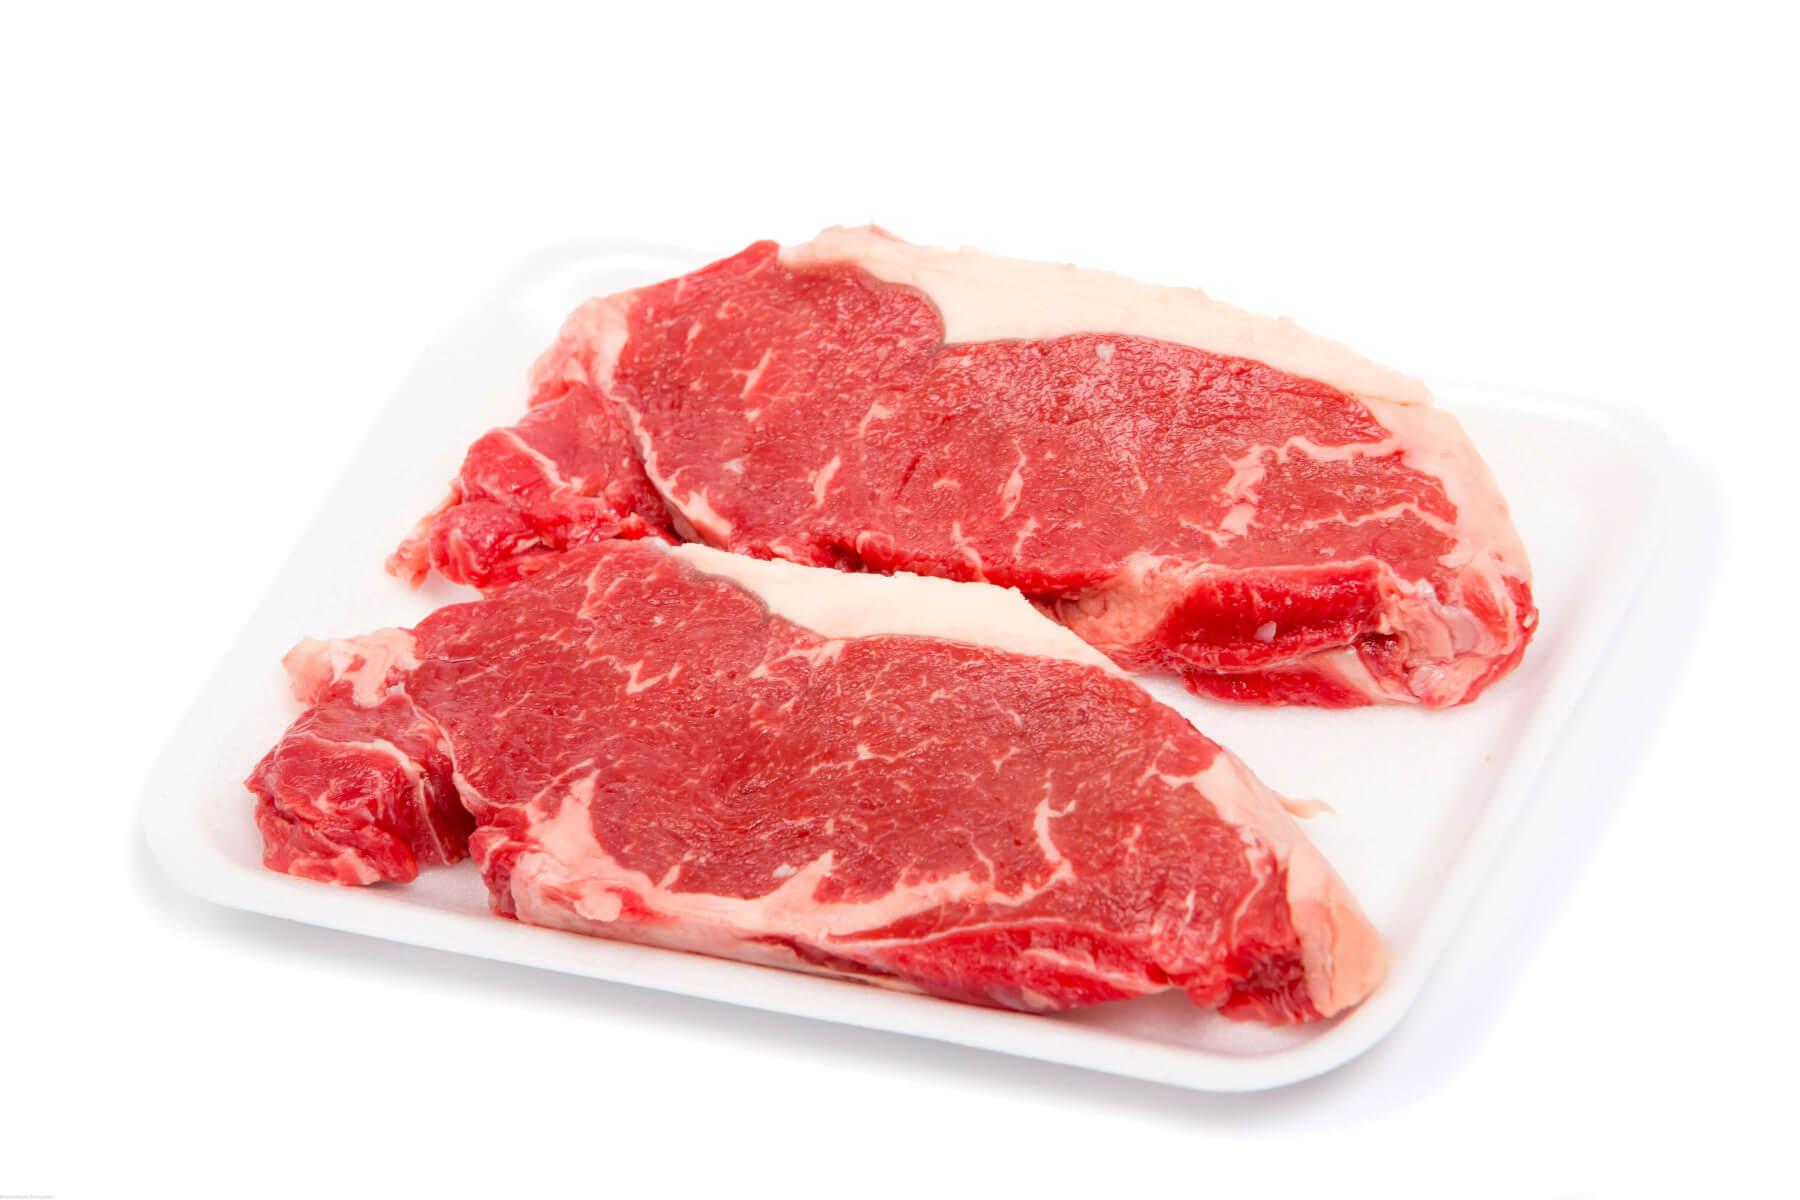 New York Striploin Steaks - Canada AAA Beef